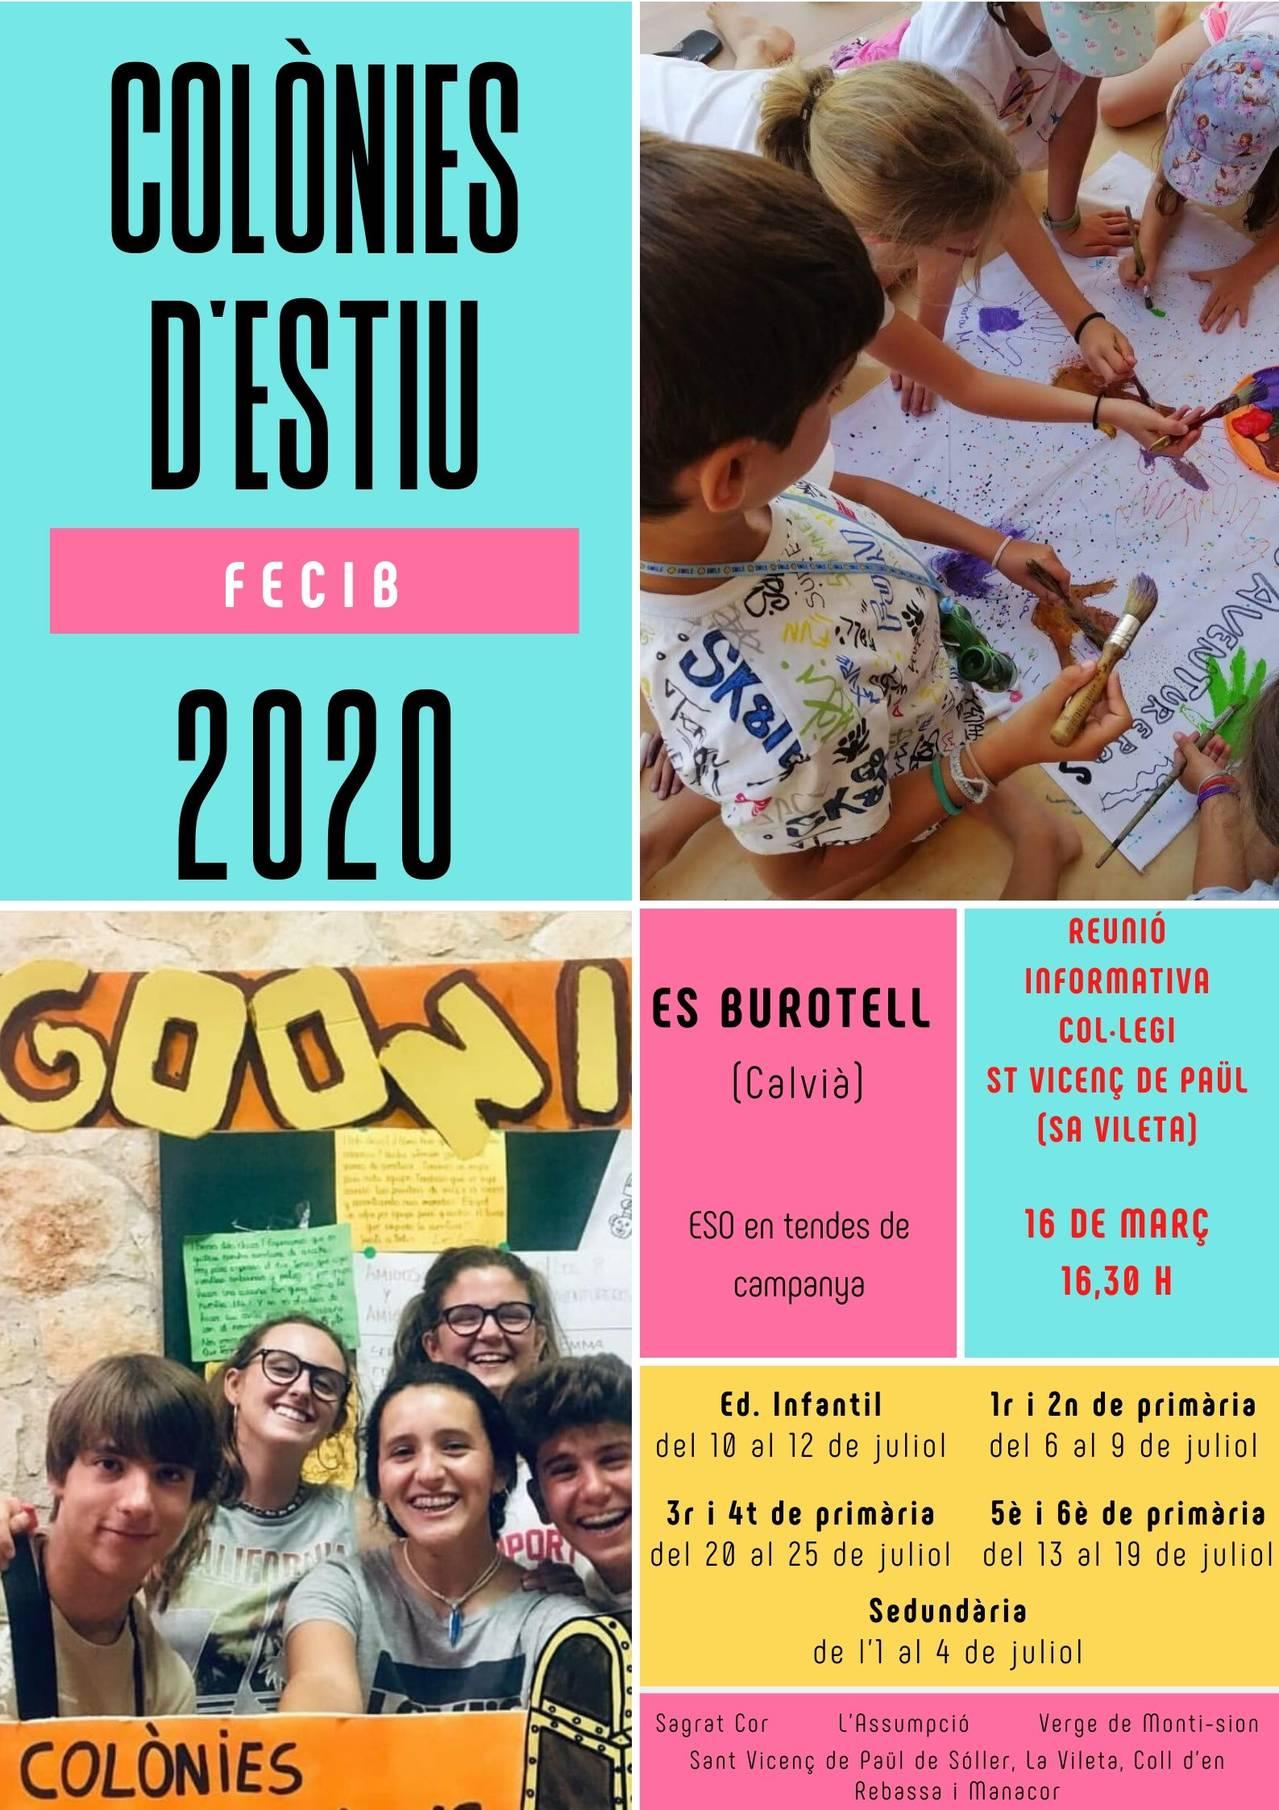 REUNIÓN INFORMATIVA COLONIAS 2020